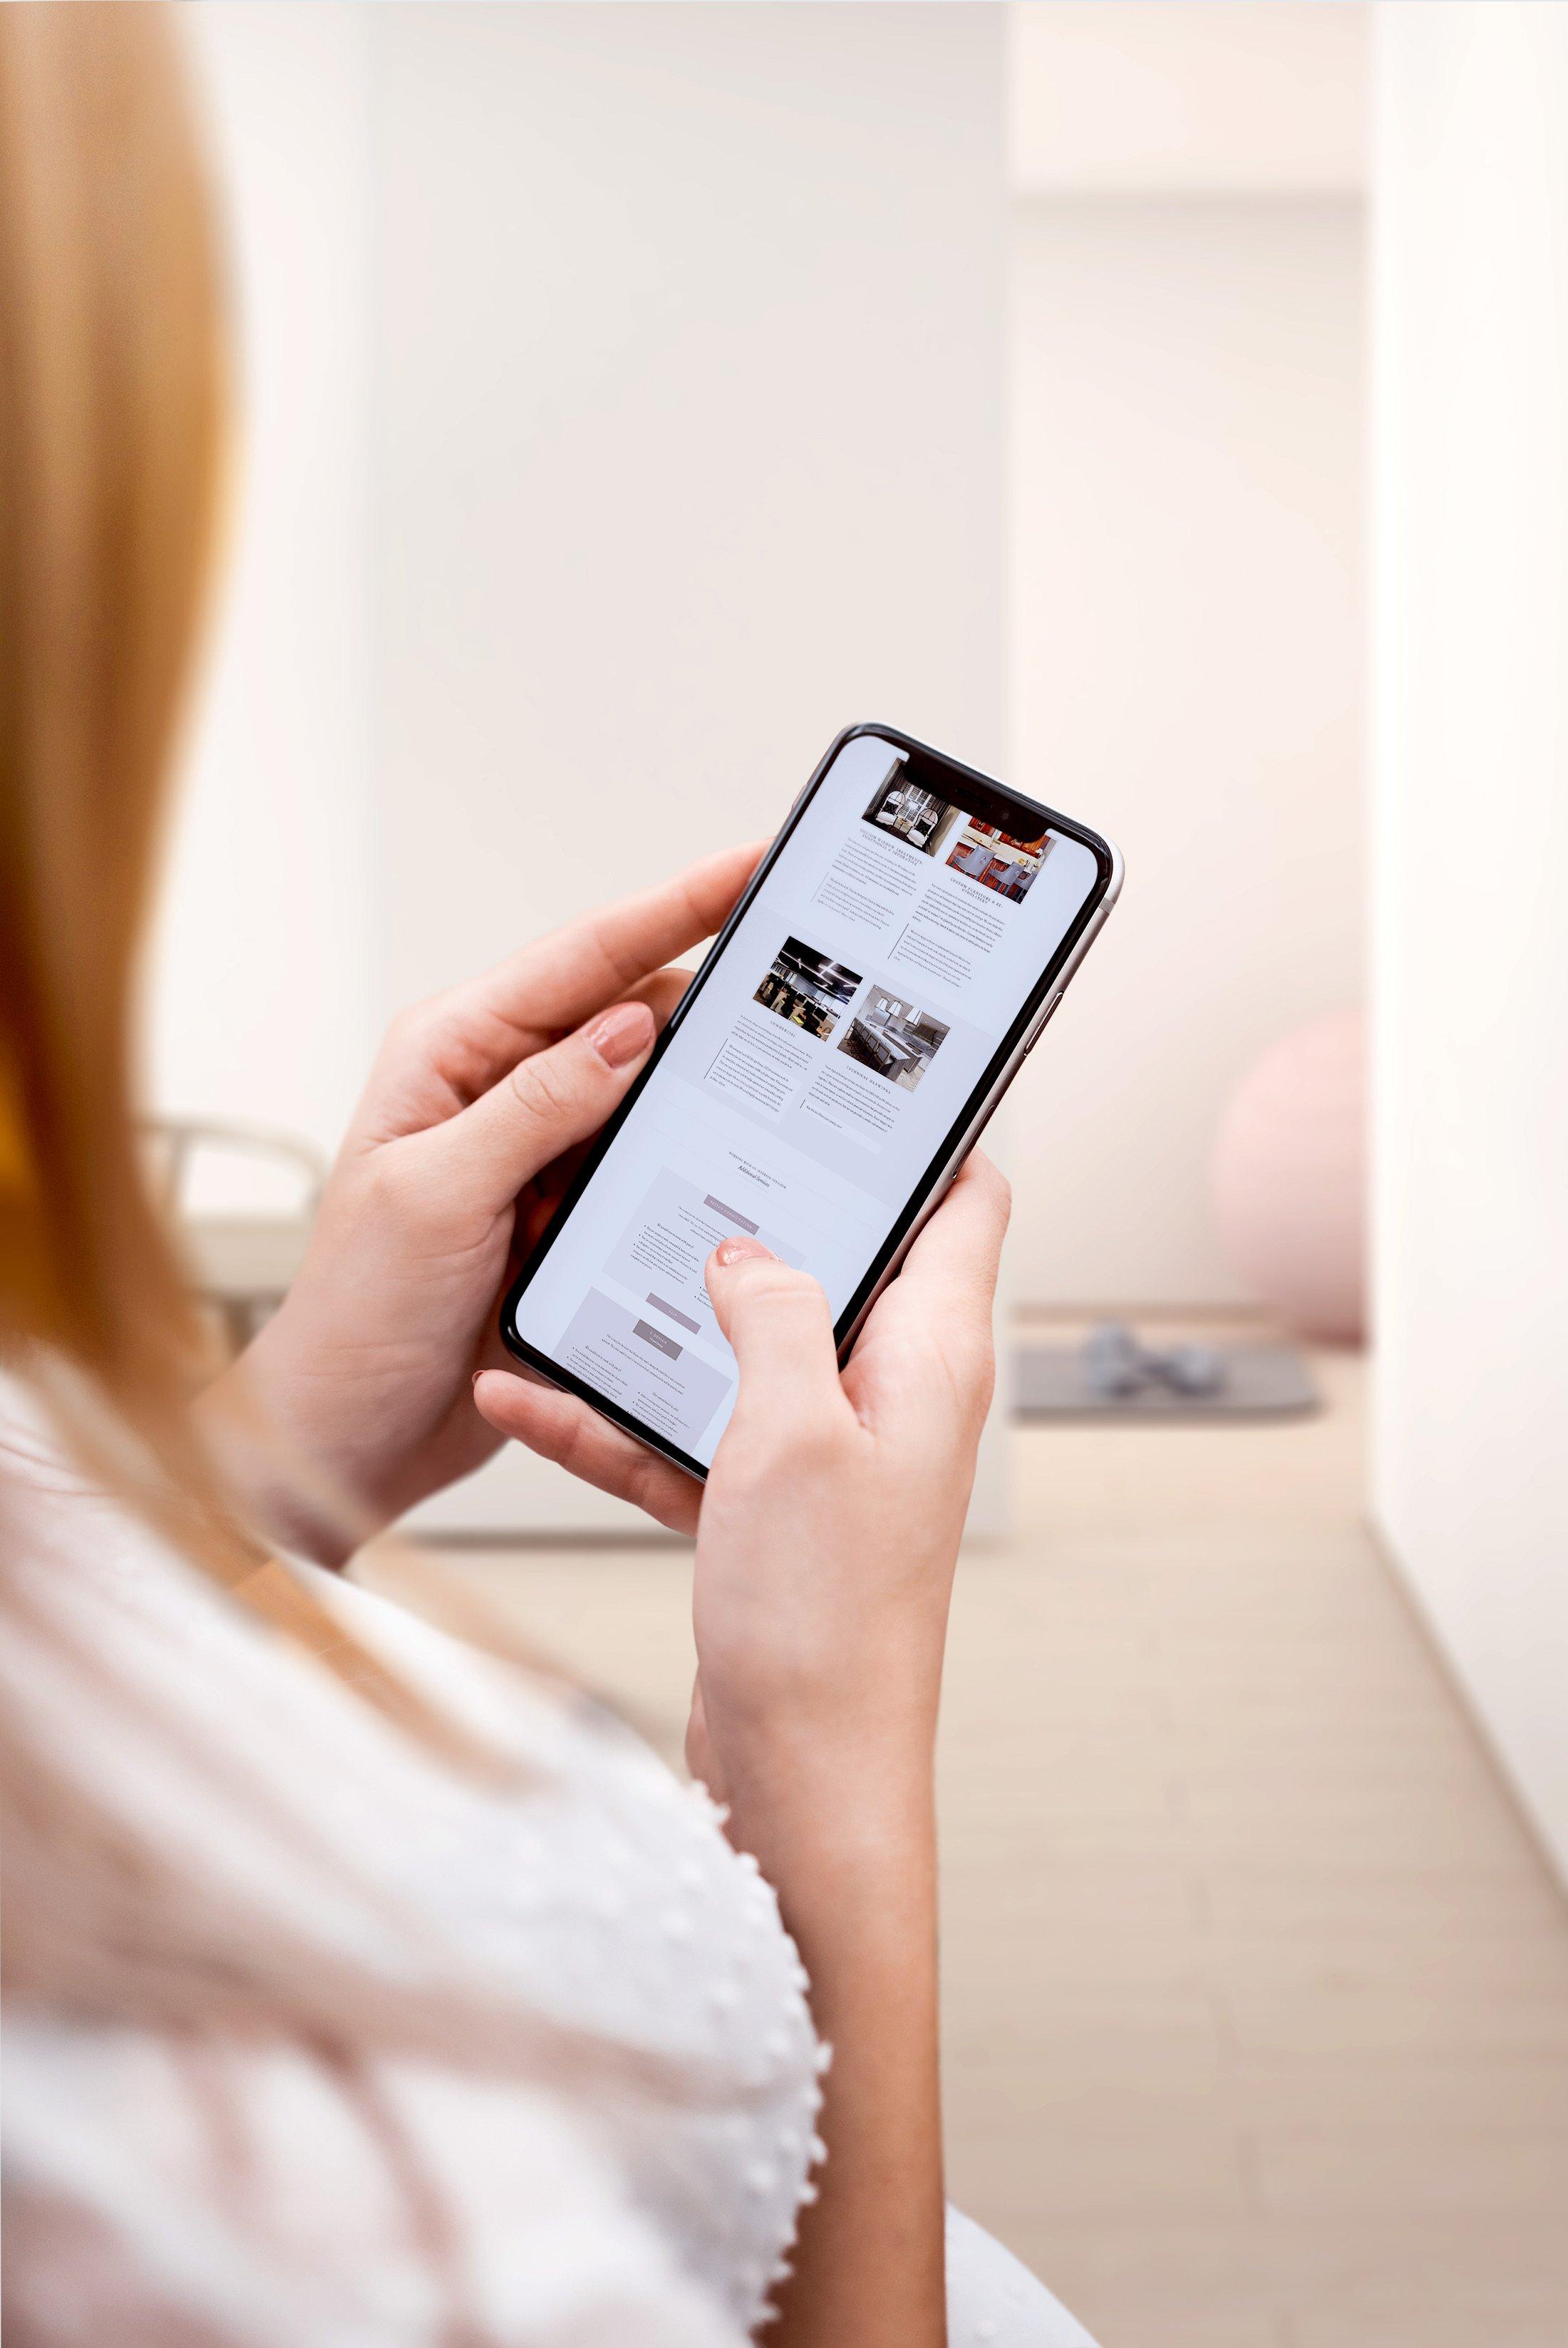 mobile mockup of contemporary light airy website design for interior designer by site maker studio jennifer sanjines designer